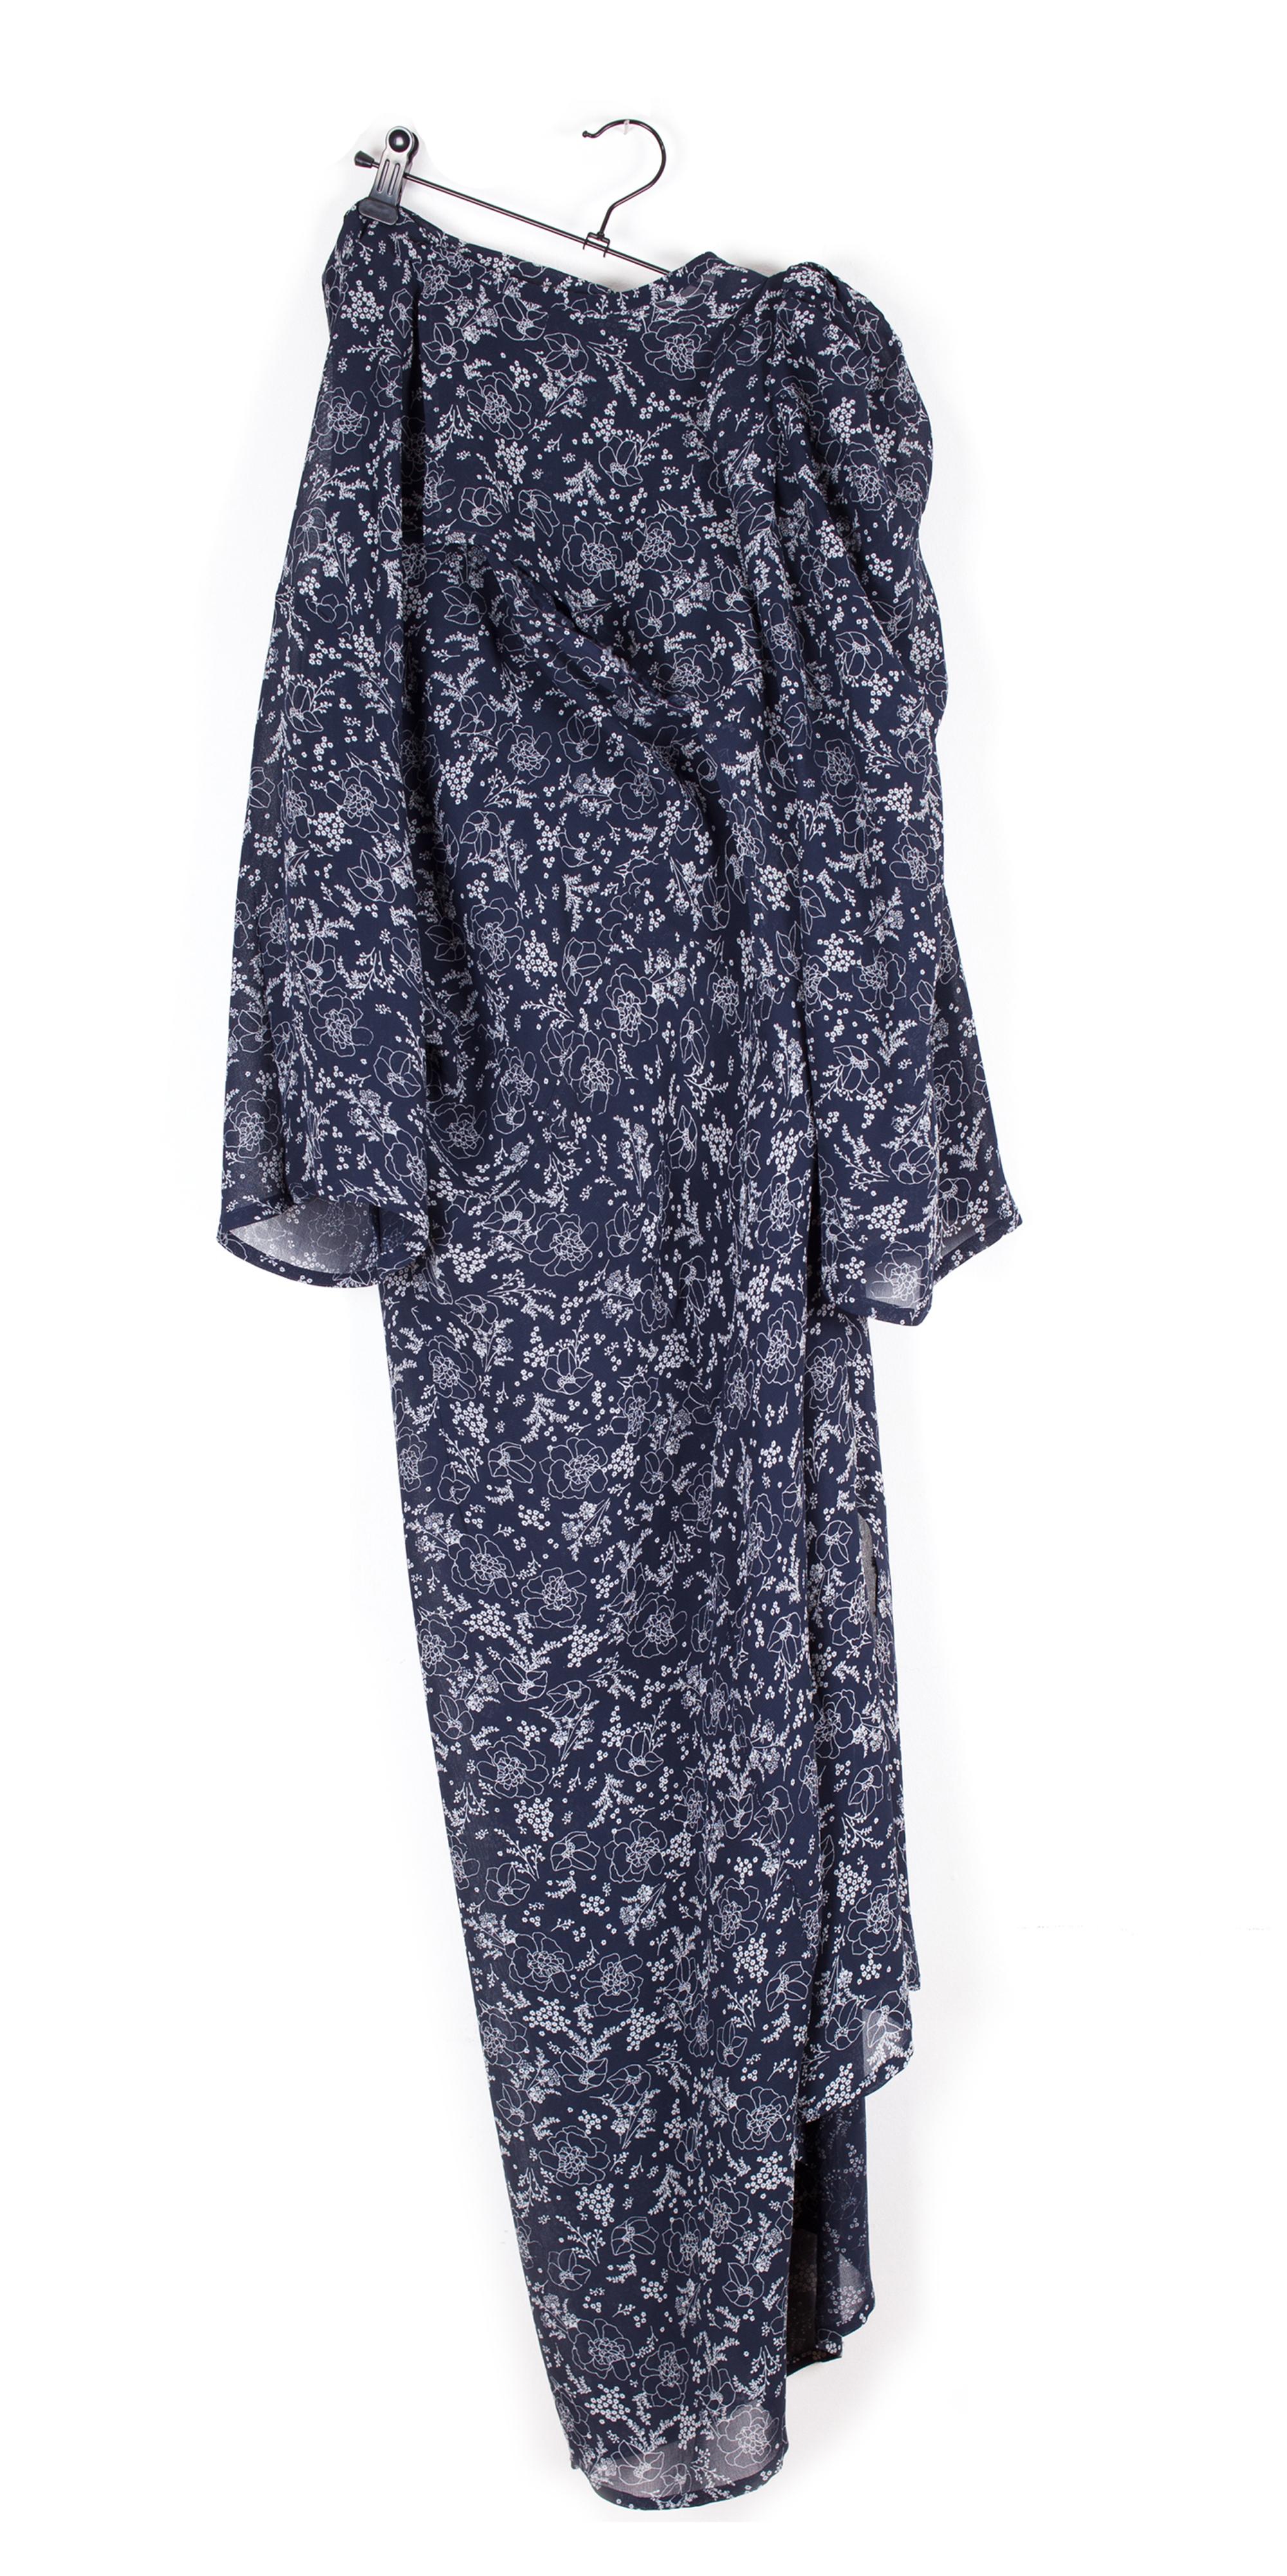 Dress set 01: variation